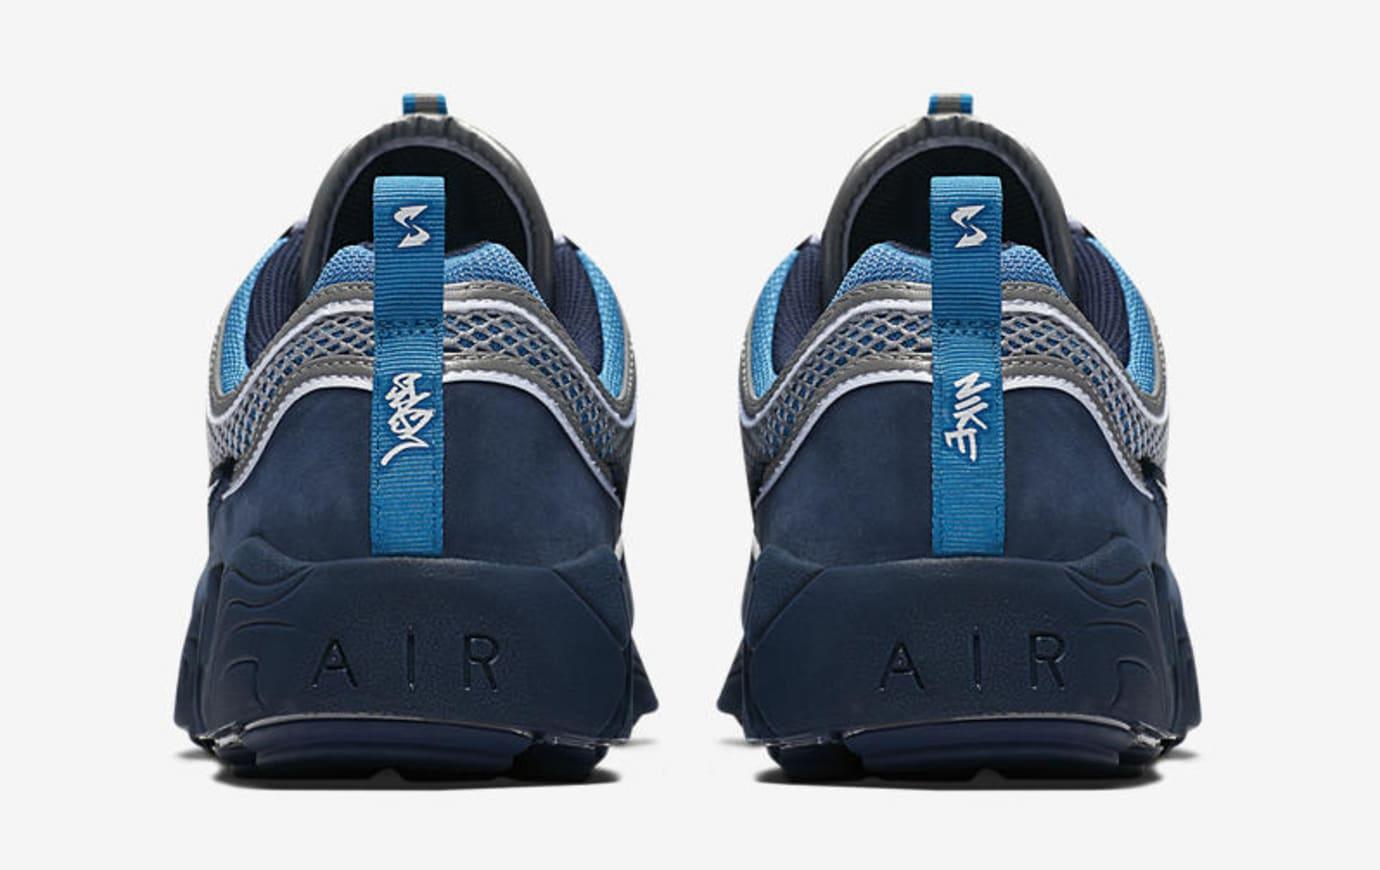 Stash Nike Spiridon Heel